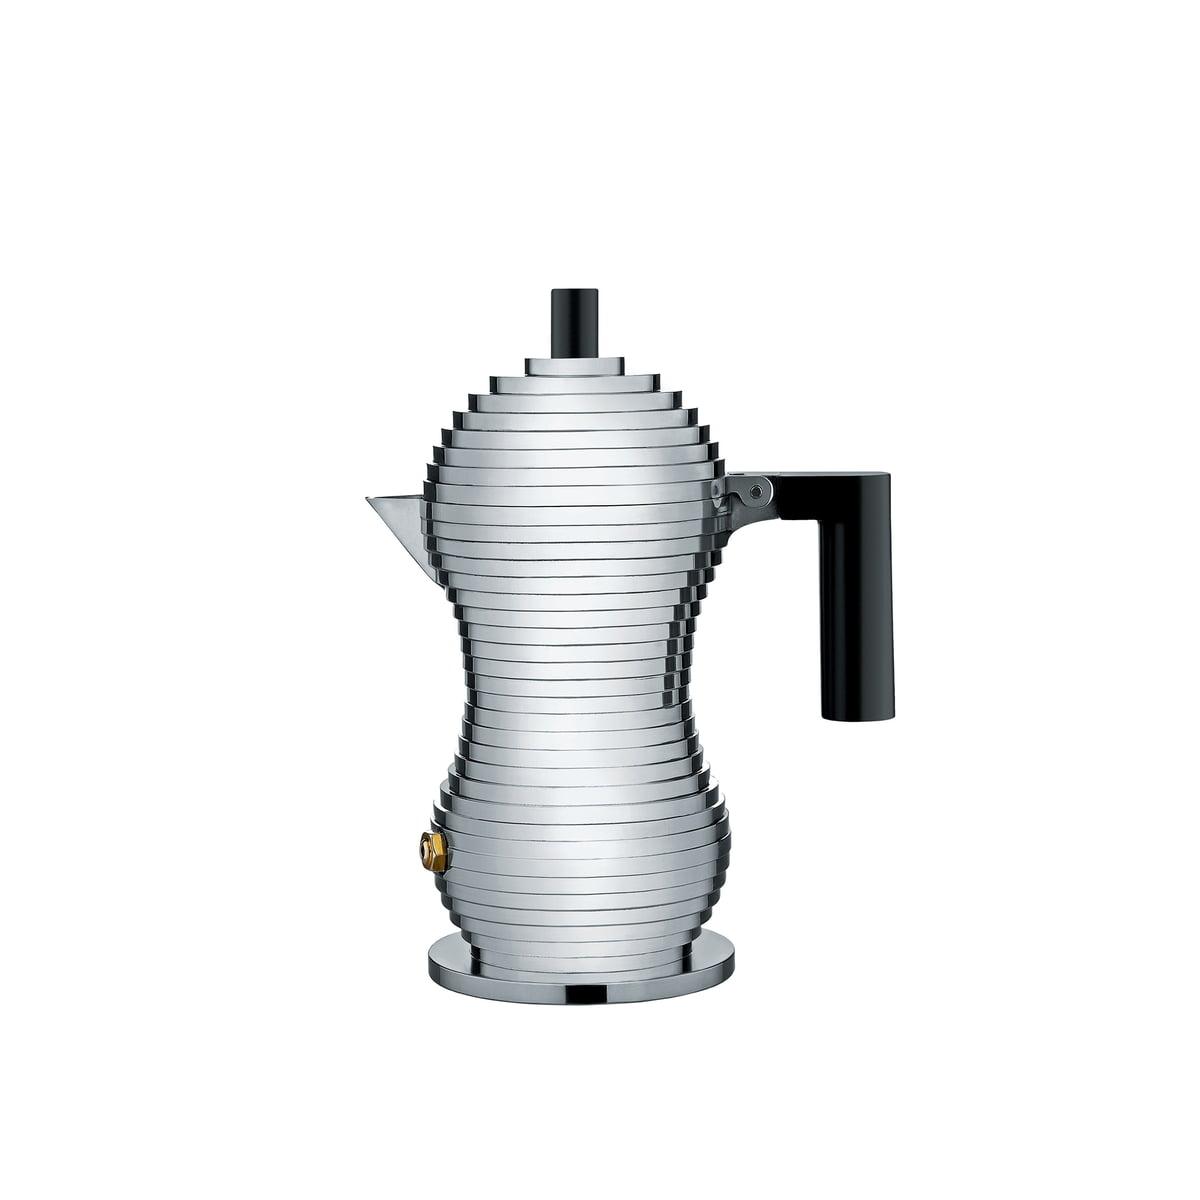 Alessi - Pulcina Espressokocher, 7 cl, schwarz | Küche und Esszimmer > Kaffee und Tee | Aluminium | Gußaluminium -  griff und knopf aus polyamide | Alessi